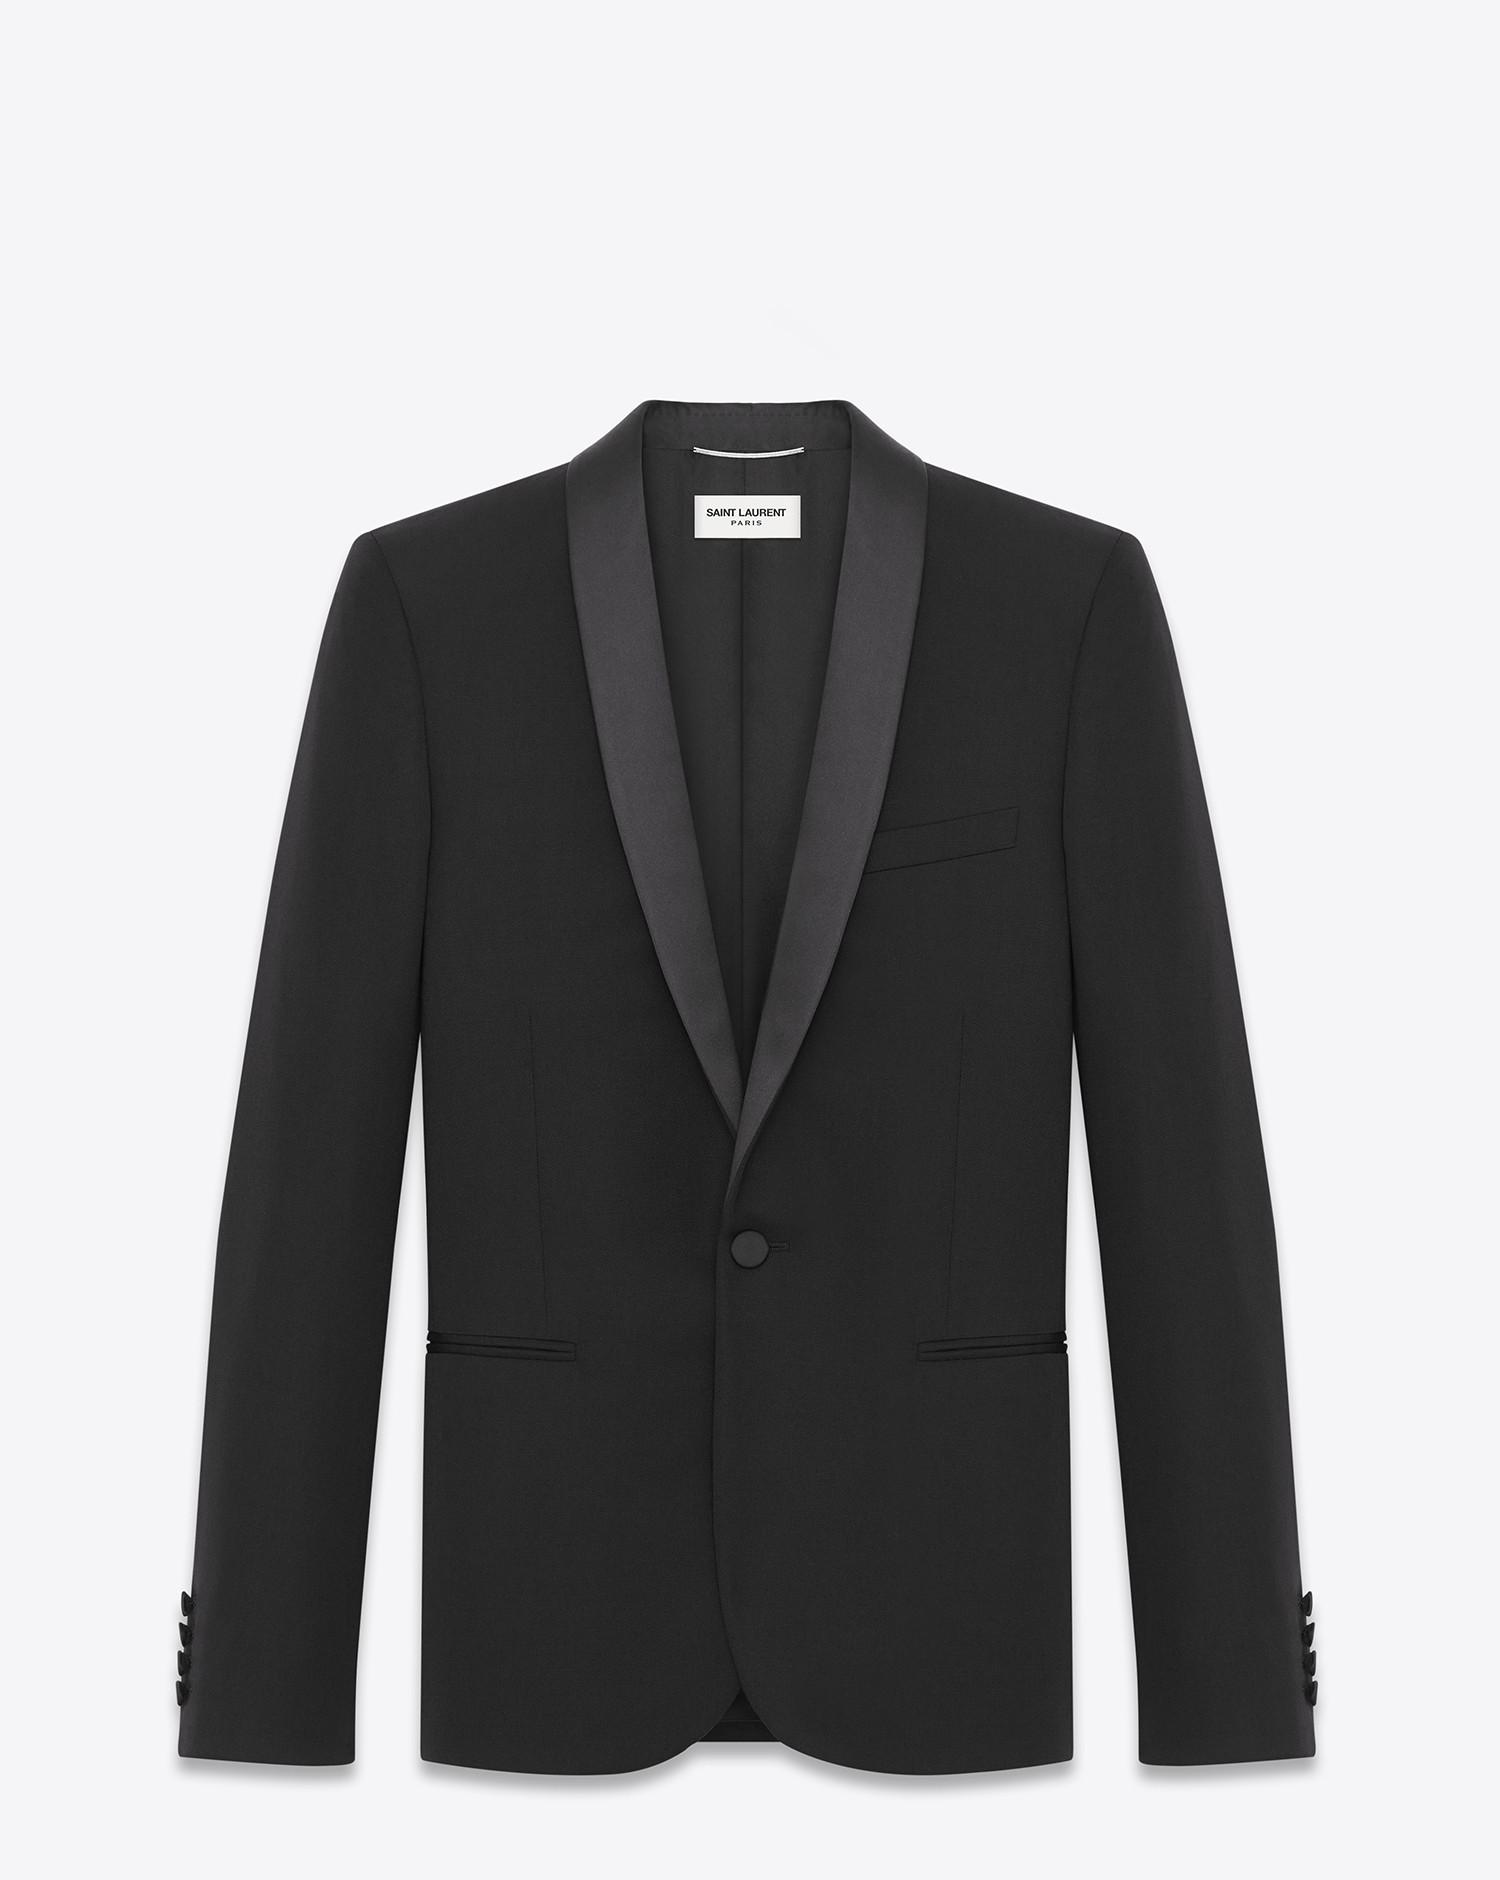 saint-laurent-iconic-le-smoking-jacket